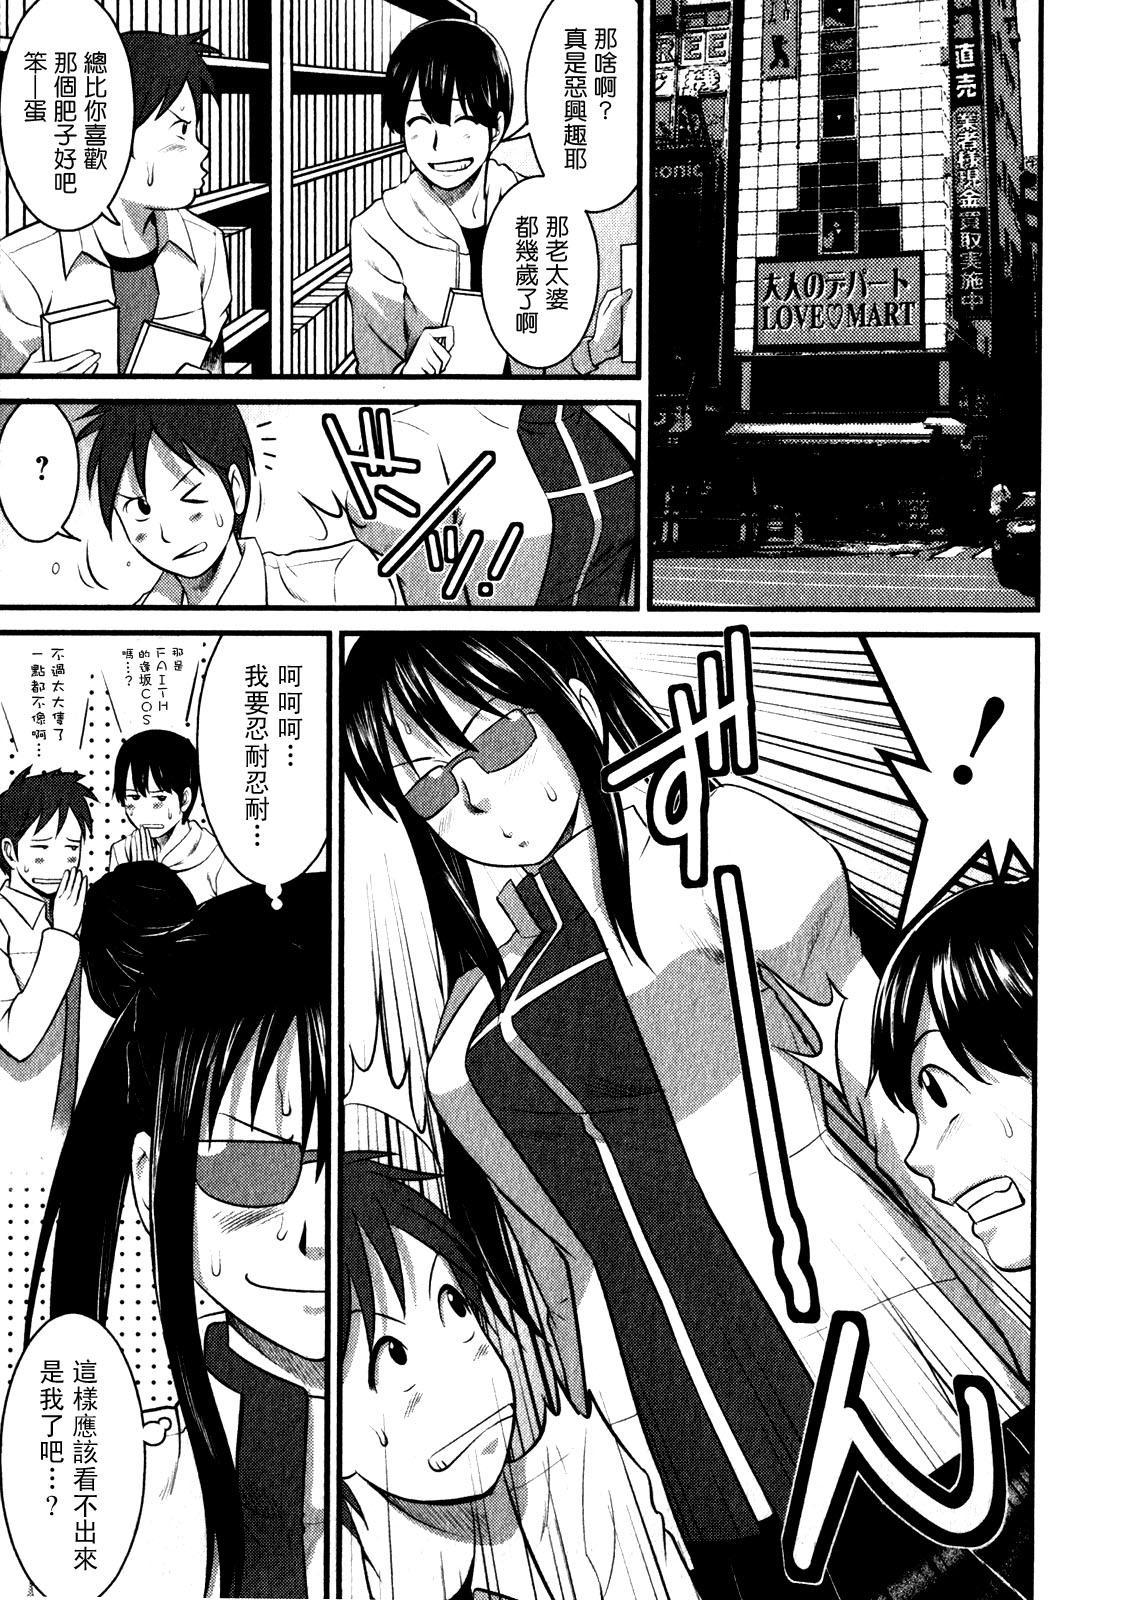 Otaku no Megami-san 1 70